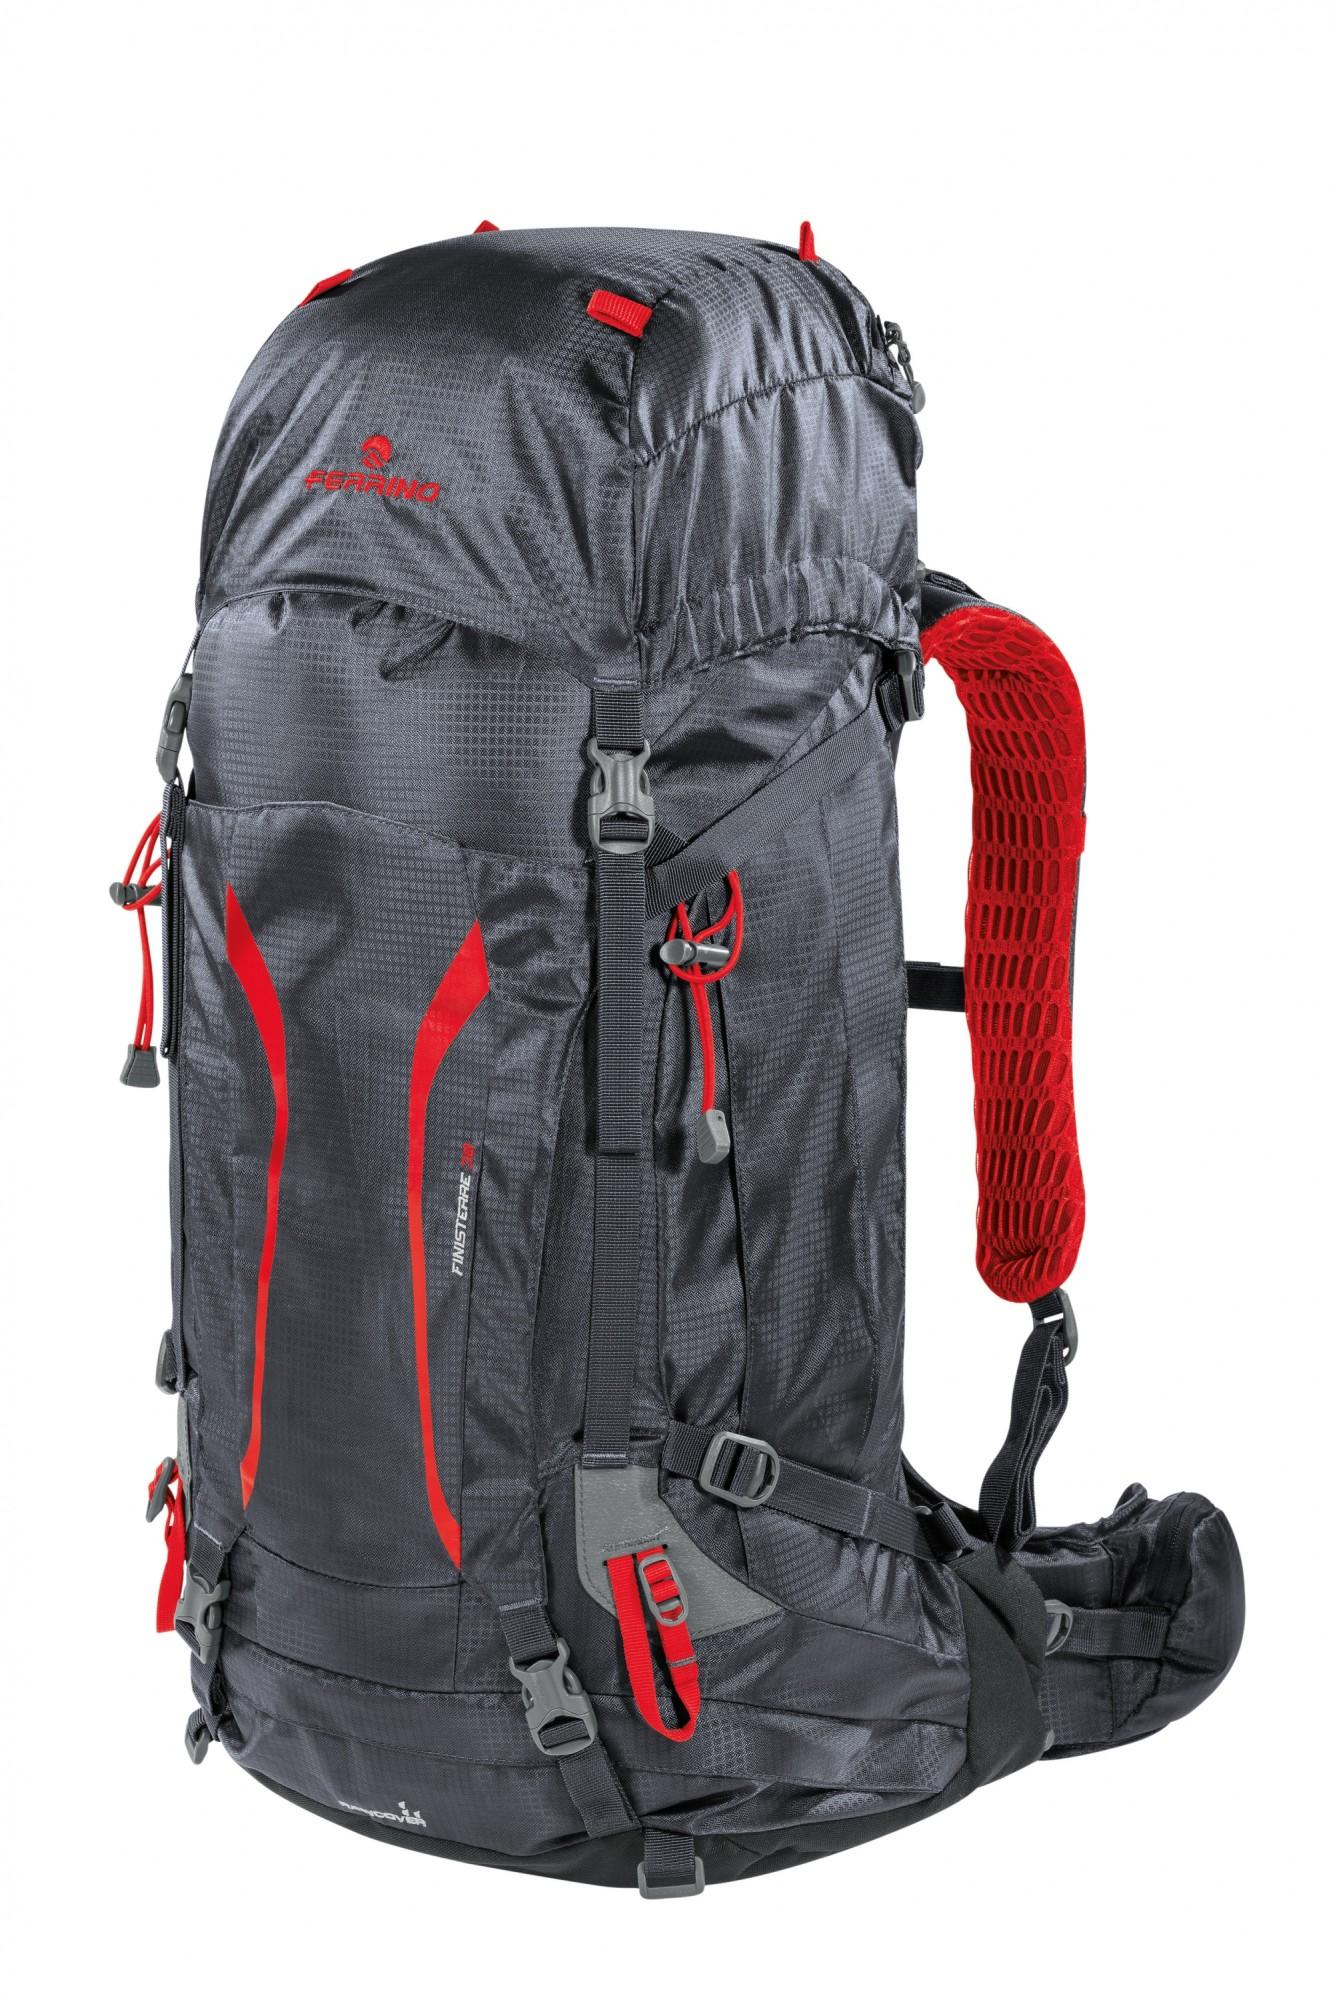 Ferrino Finisterre 38 - Hiking backpack